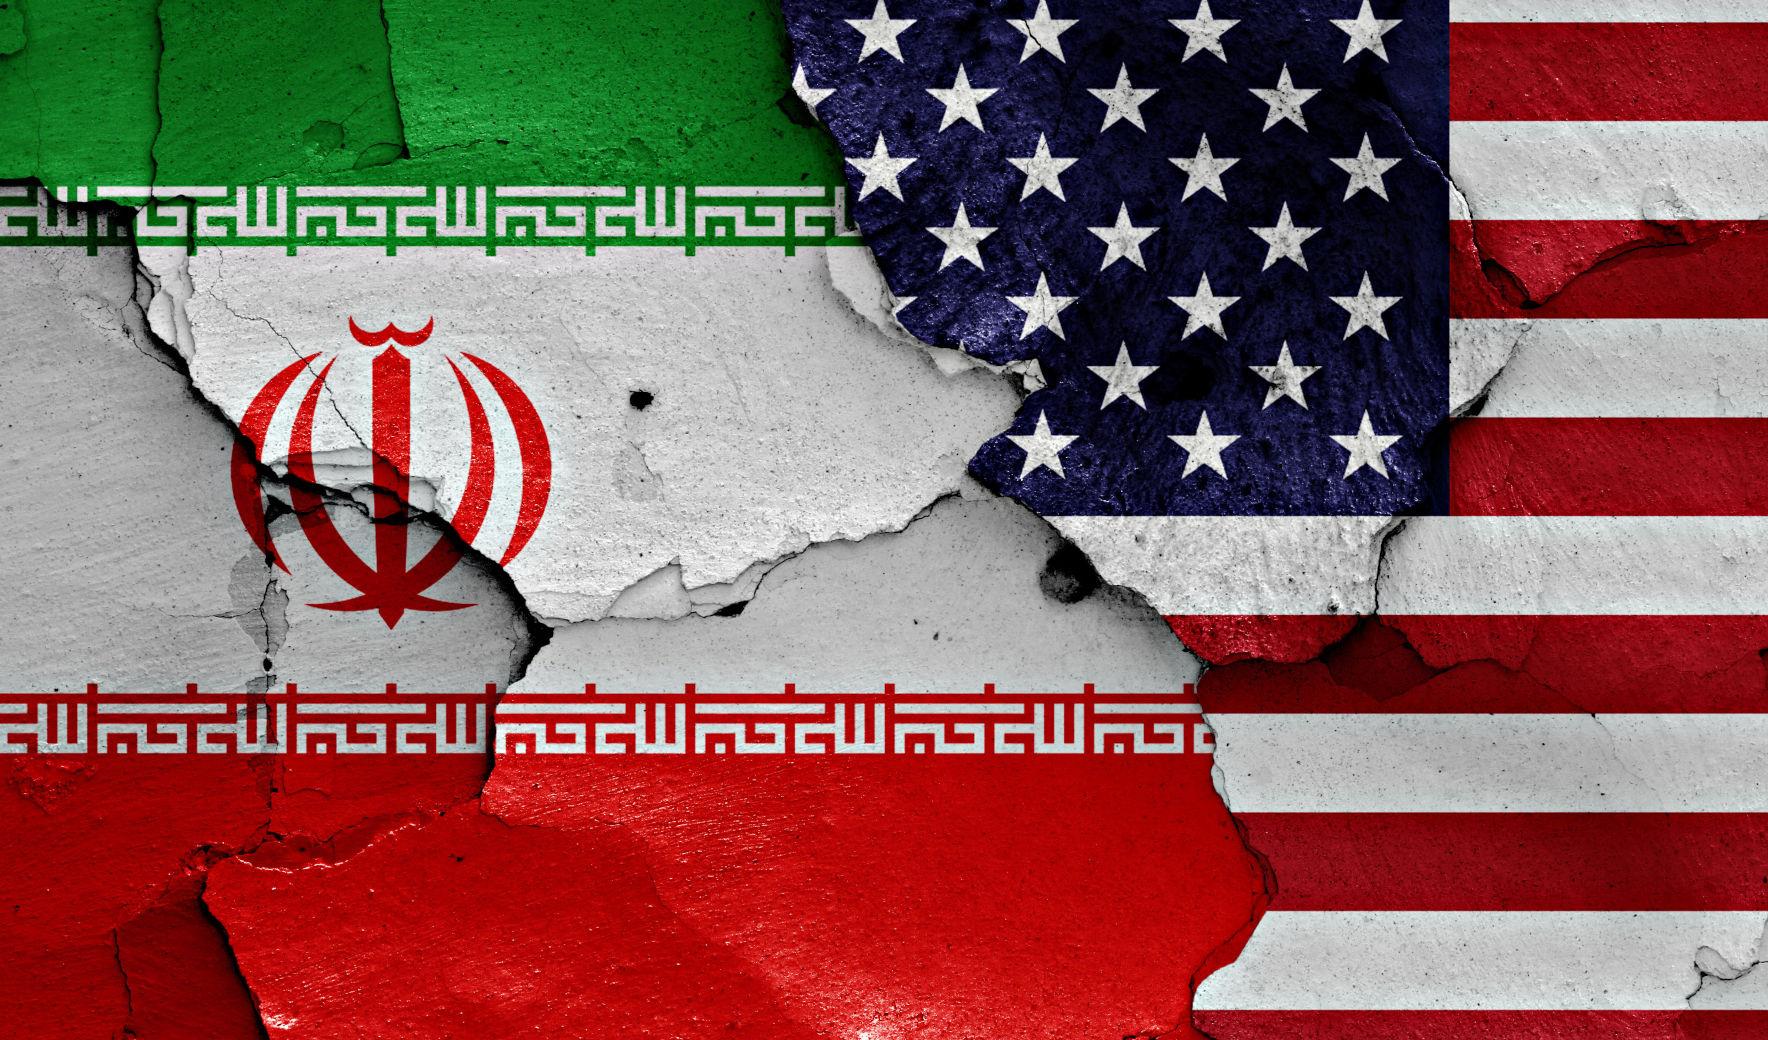 تحریم نهادهای مرتبط با بخش فضایی ایران از سوی آمریکا